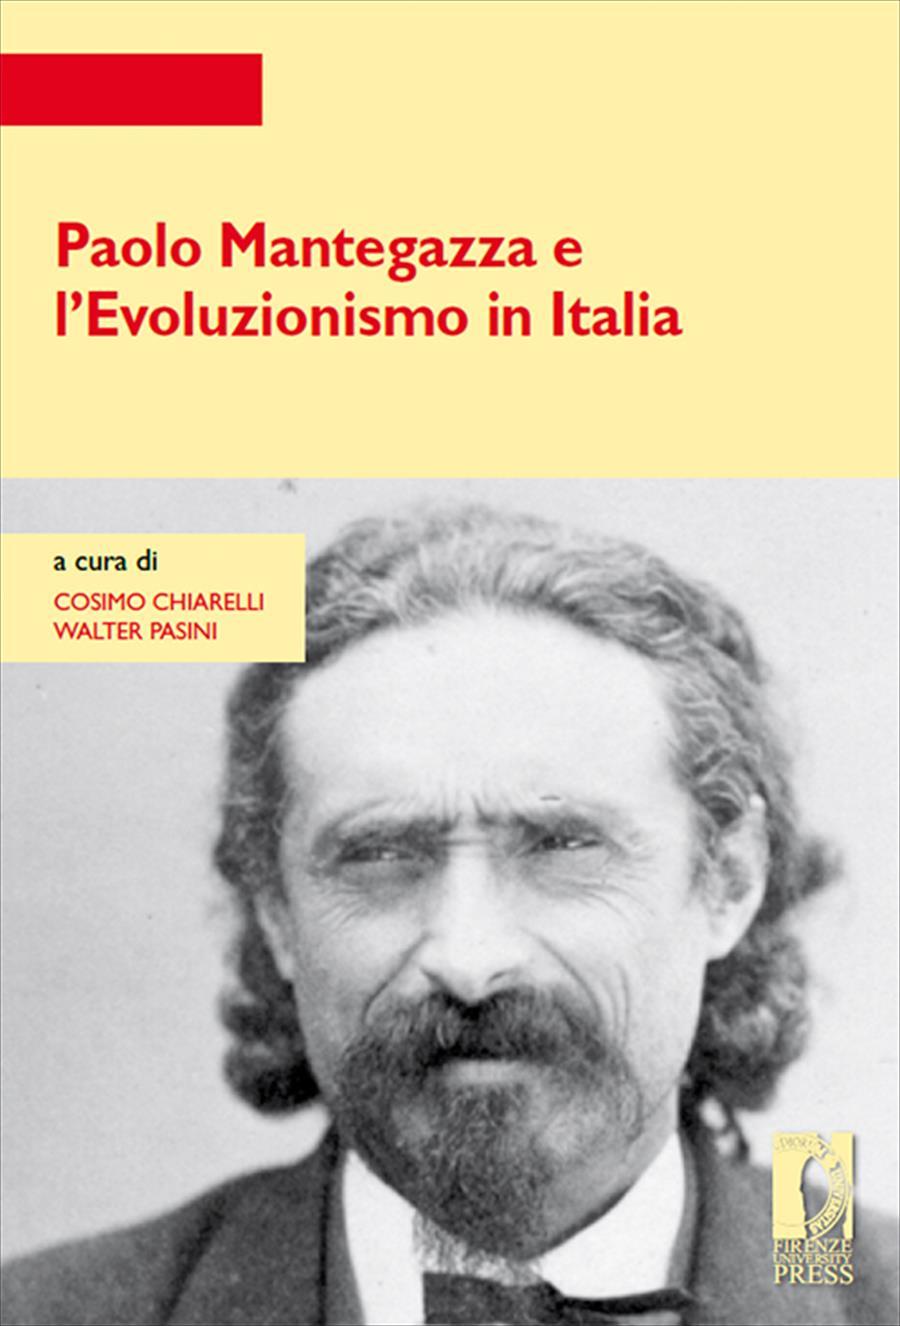 Paolo Mantegazza e l'Evoluzionismo in Italia